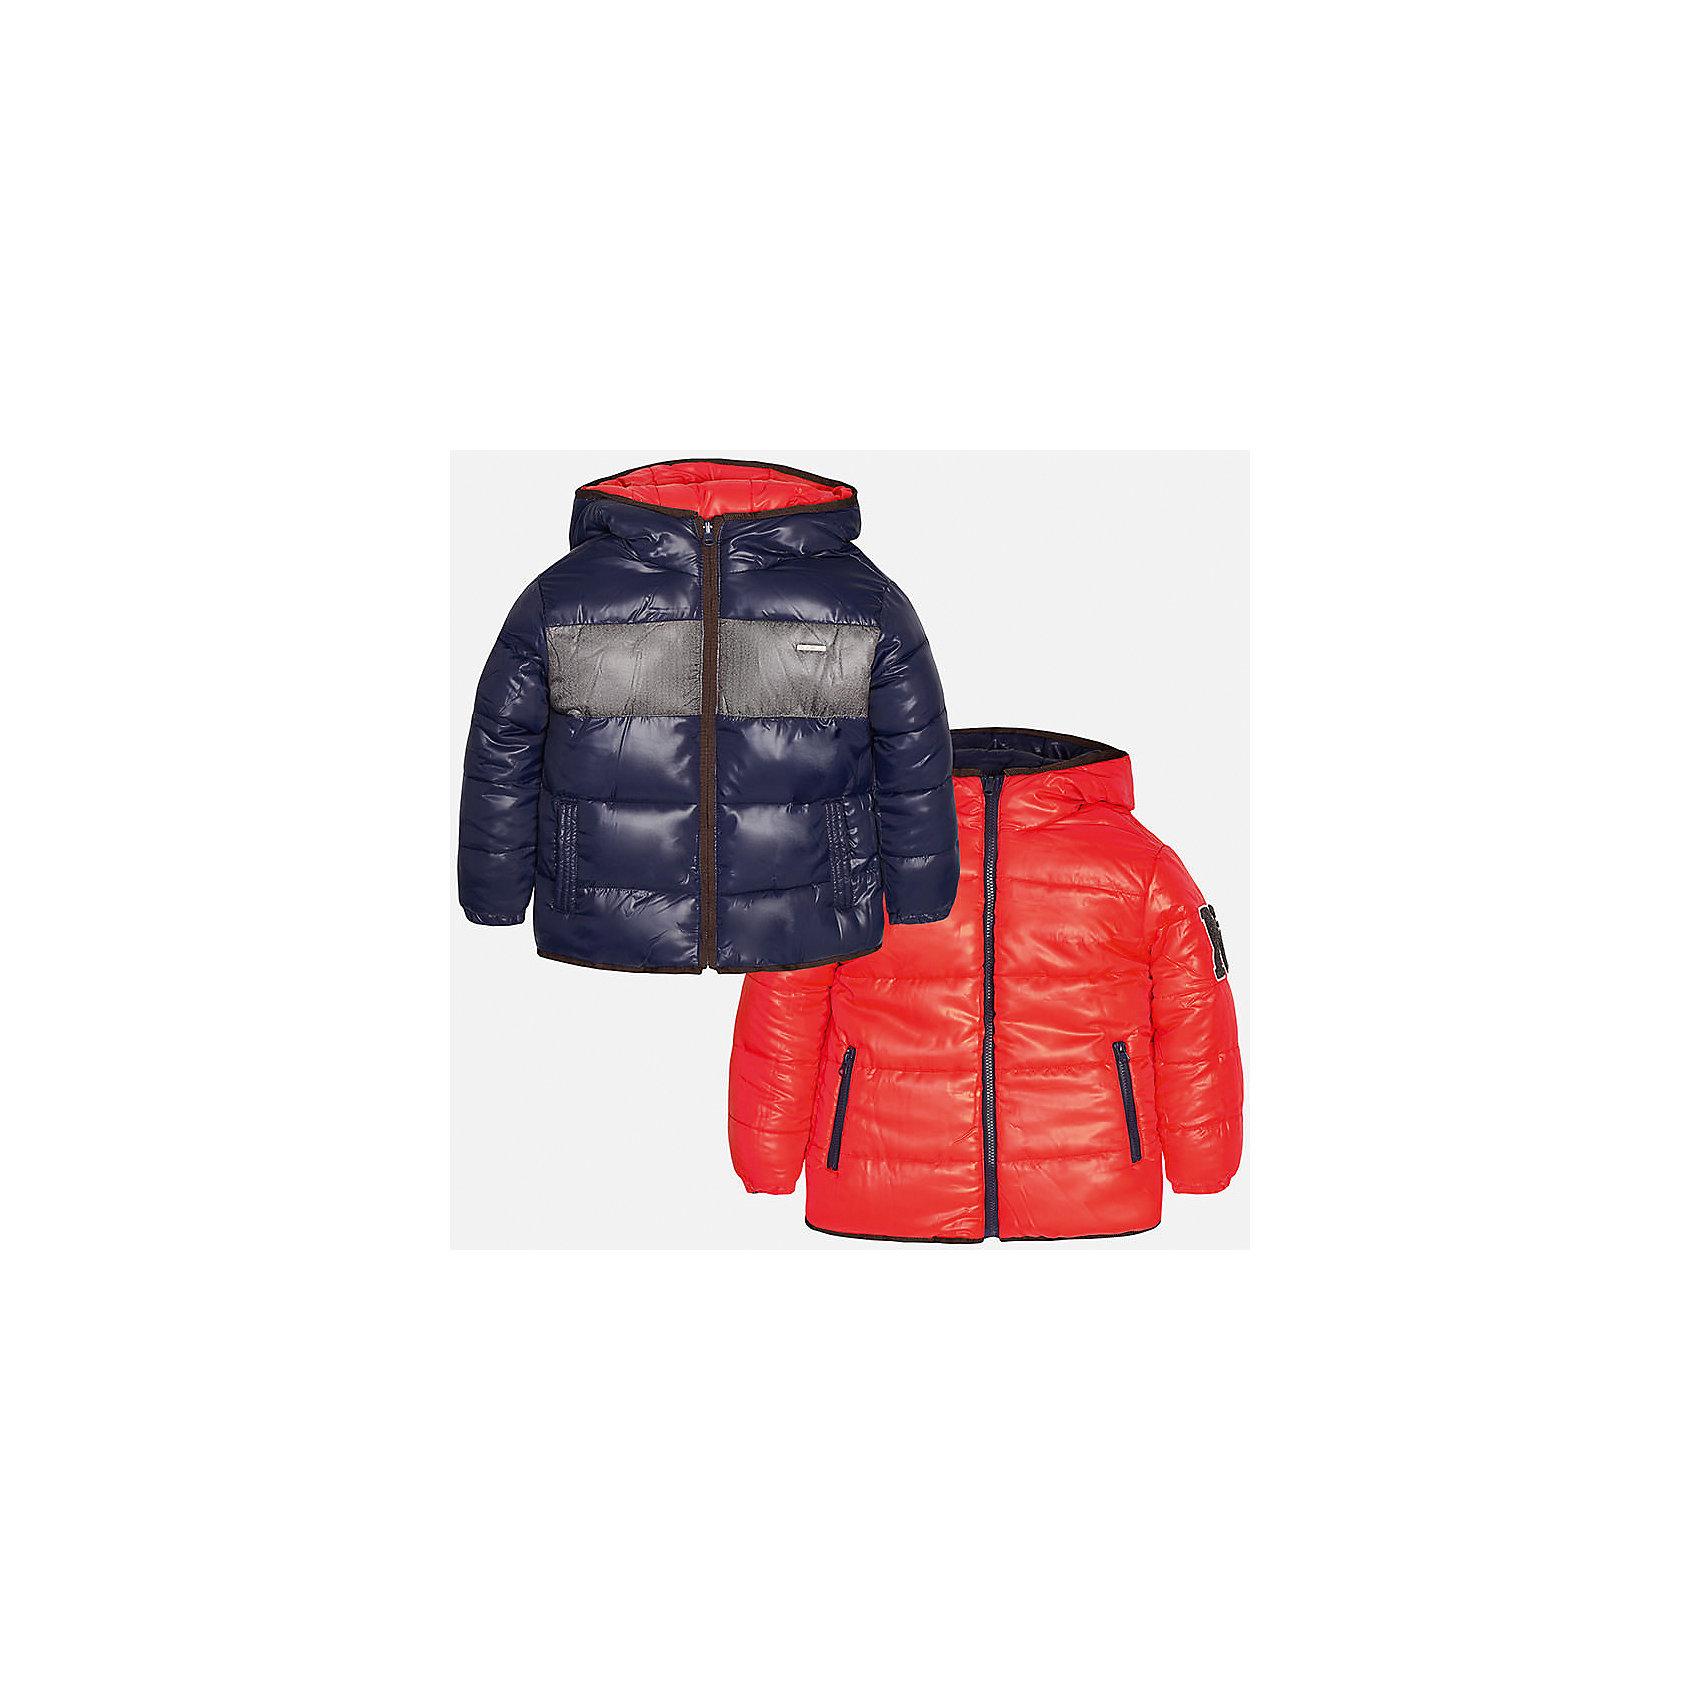 Куртка-трансформер для мальчика MayoralВерхняя одежда<br>Куртка-трансформер из полиэстера от Mayoral(Майорал). Модель застегивается на молнию, есть капюшон и карманы по бокам. Куртку можно надеть с двух сторон, это позволит вам выбрать нужный цвет к образу  ребенка. Прекрасный вариант для юных модников!<br><br>Дополнительная информация:<br>Состав: 100% полиэстер<br>Цвет: красный/синий<br>Куртку-трансформер Mayoral(Майорал) вы можете приобрести в нашем интернет-магазине.<br><br>Ширина мм: 356<br>Глубина мм: 10<br>Высота мм: 245<br>Вес г: 519<br>Цвет: коричневый<br>Возраст от месяцев: 96<br>Возраст до месяцев: 108<br>Пол: Мужской<br>Возраст: Детский<br>Размер: 128/134,164/170,140/146,146/152,152/158,158/164<br>SKU: 4827169